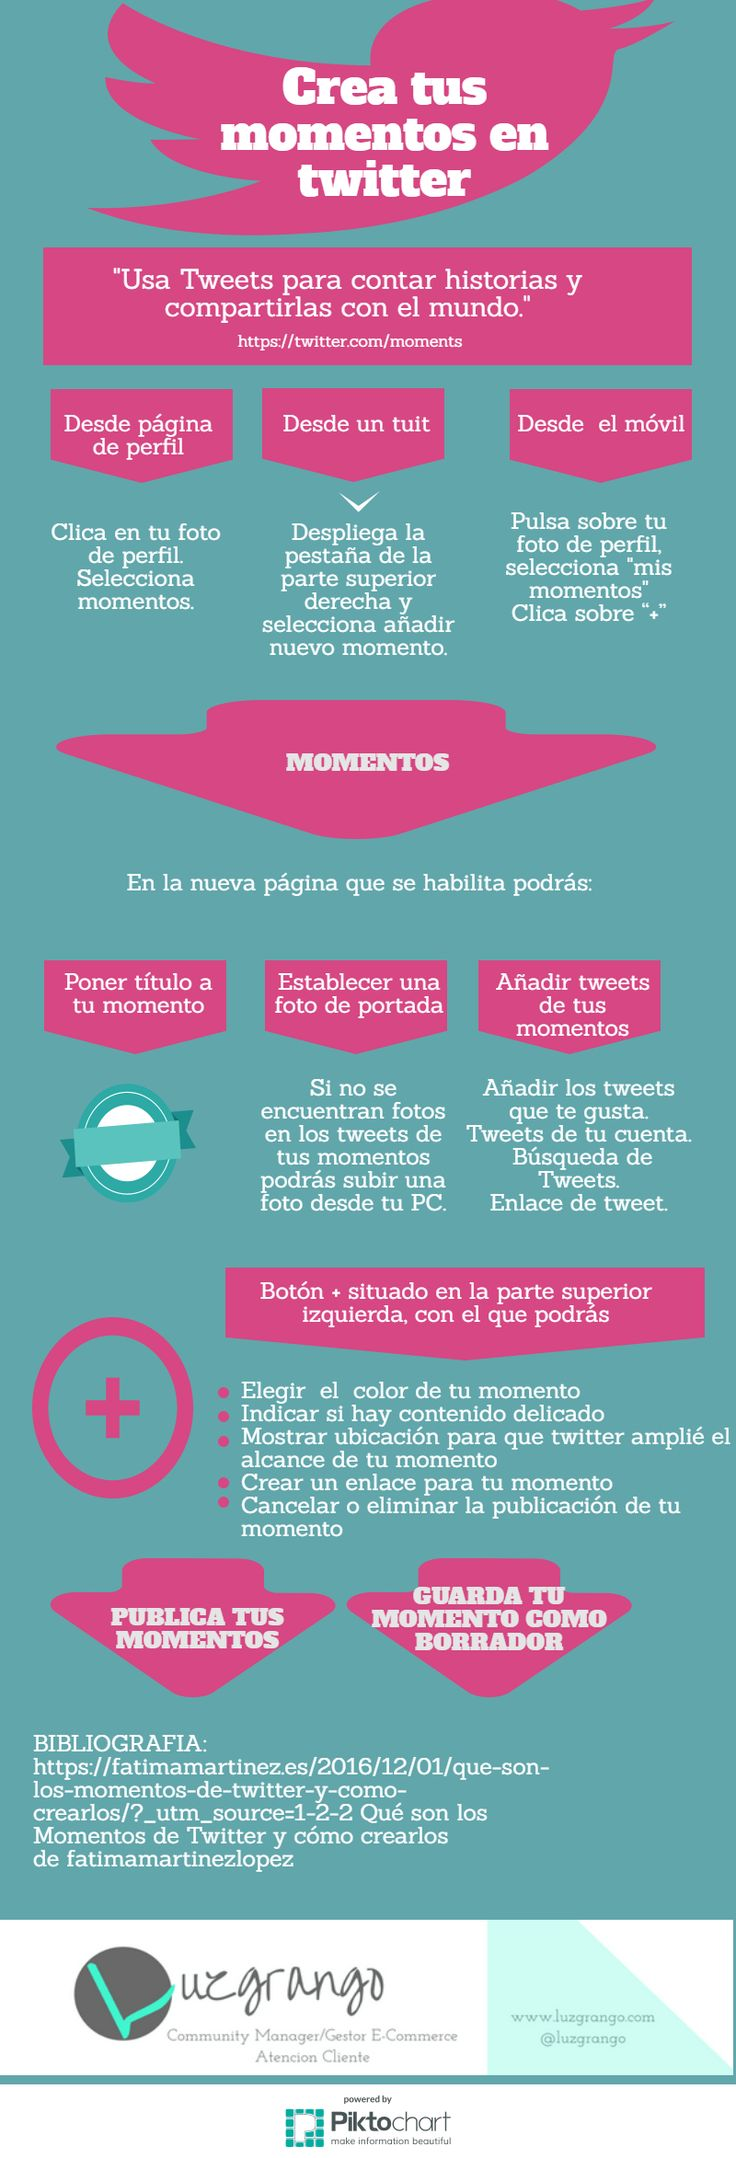 Cómo crear momentos en Twitter #infografia